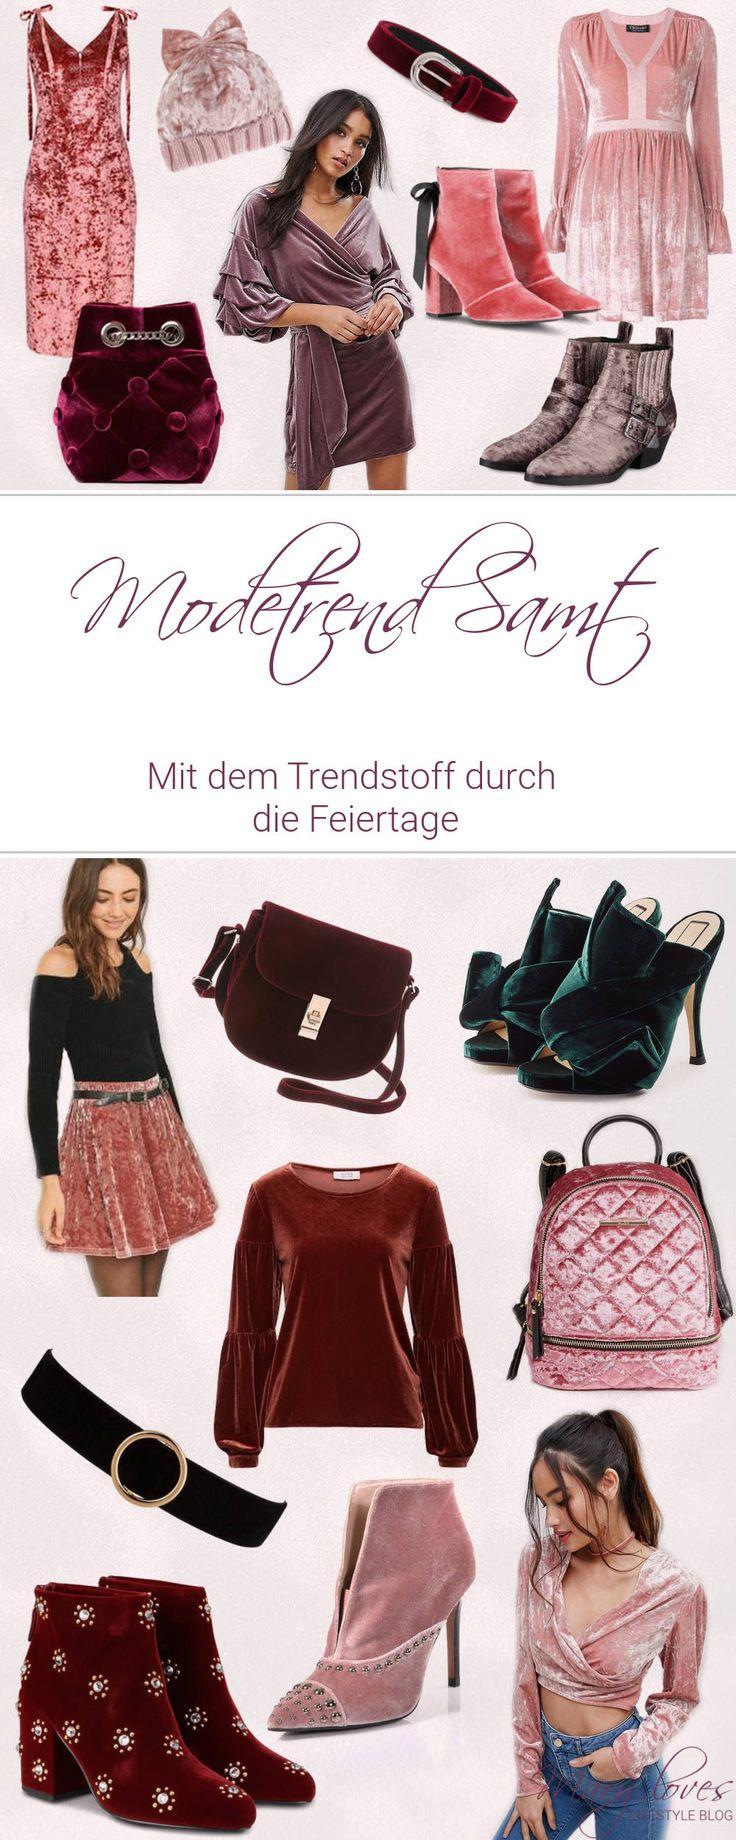 Editor's Picks - Modetrend Samt - Mit dem Trendstoff durch die Feiertage - #modetrend #samt #velvet #trendstoff #outfitidee #festtagslook #modefürfeiertage #festlichemode